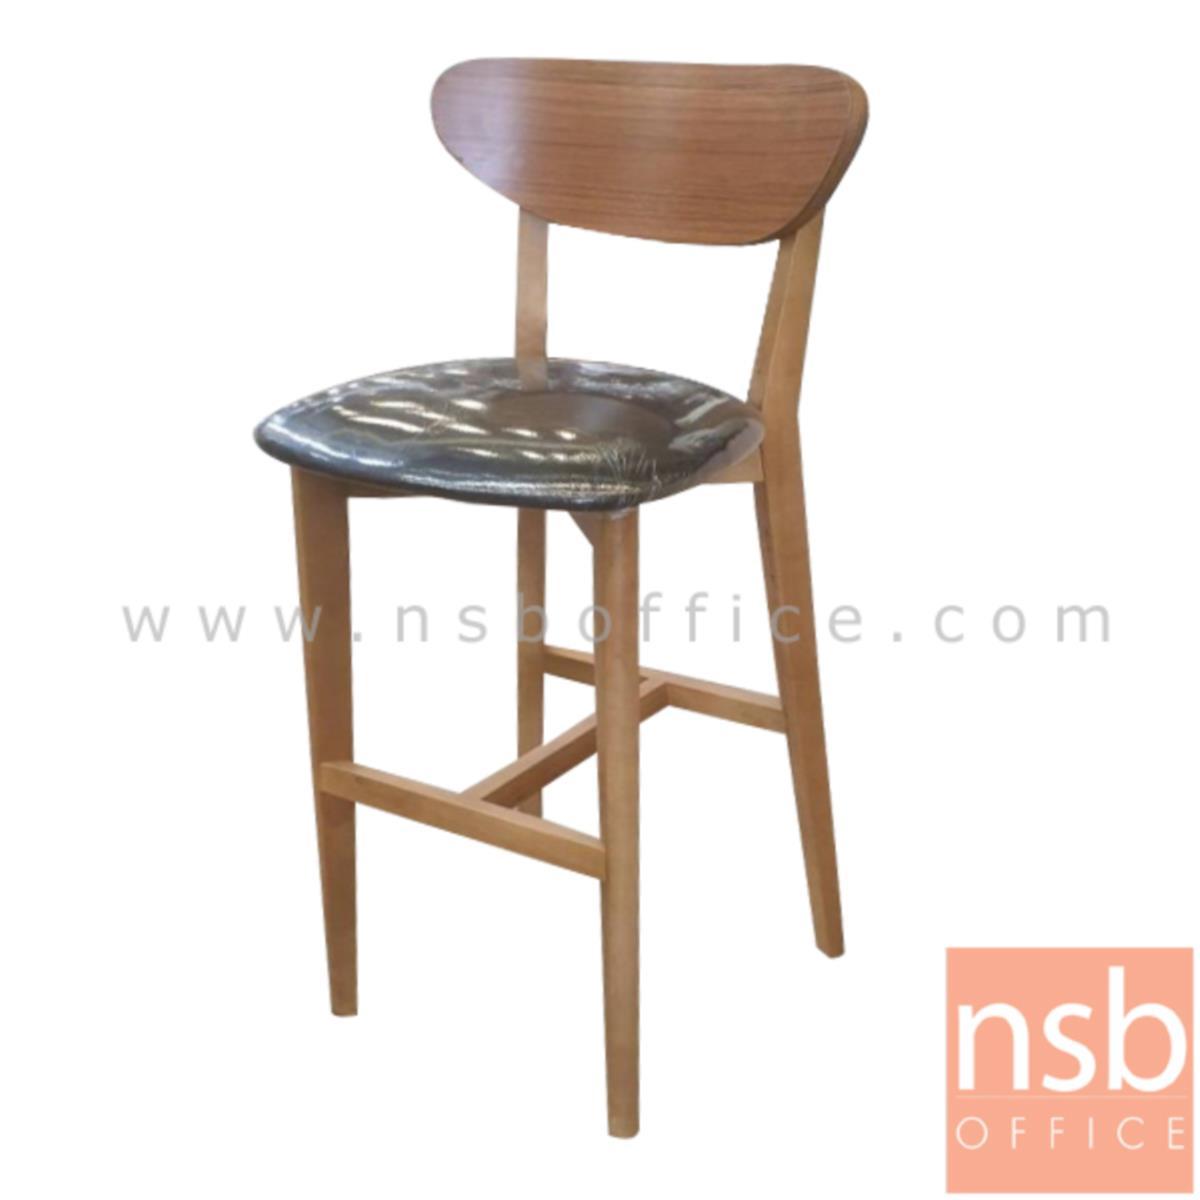 B22A193:เก้าอี้บาร์ไม้จริง รุ่น Alva (อัลวา)  เบาะหุ้มหนังเทียม